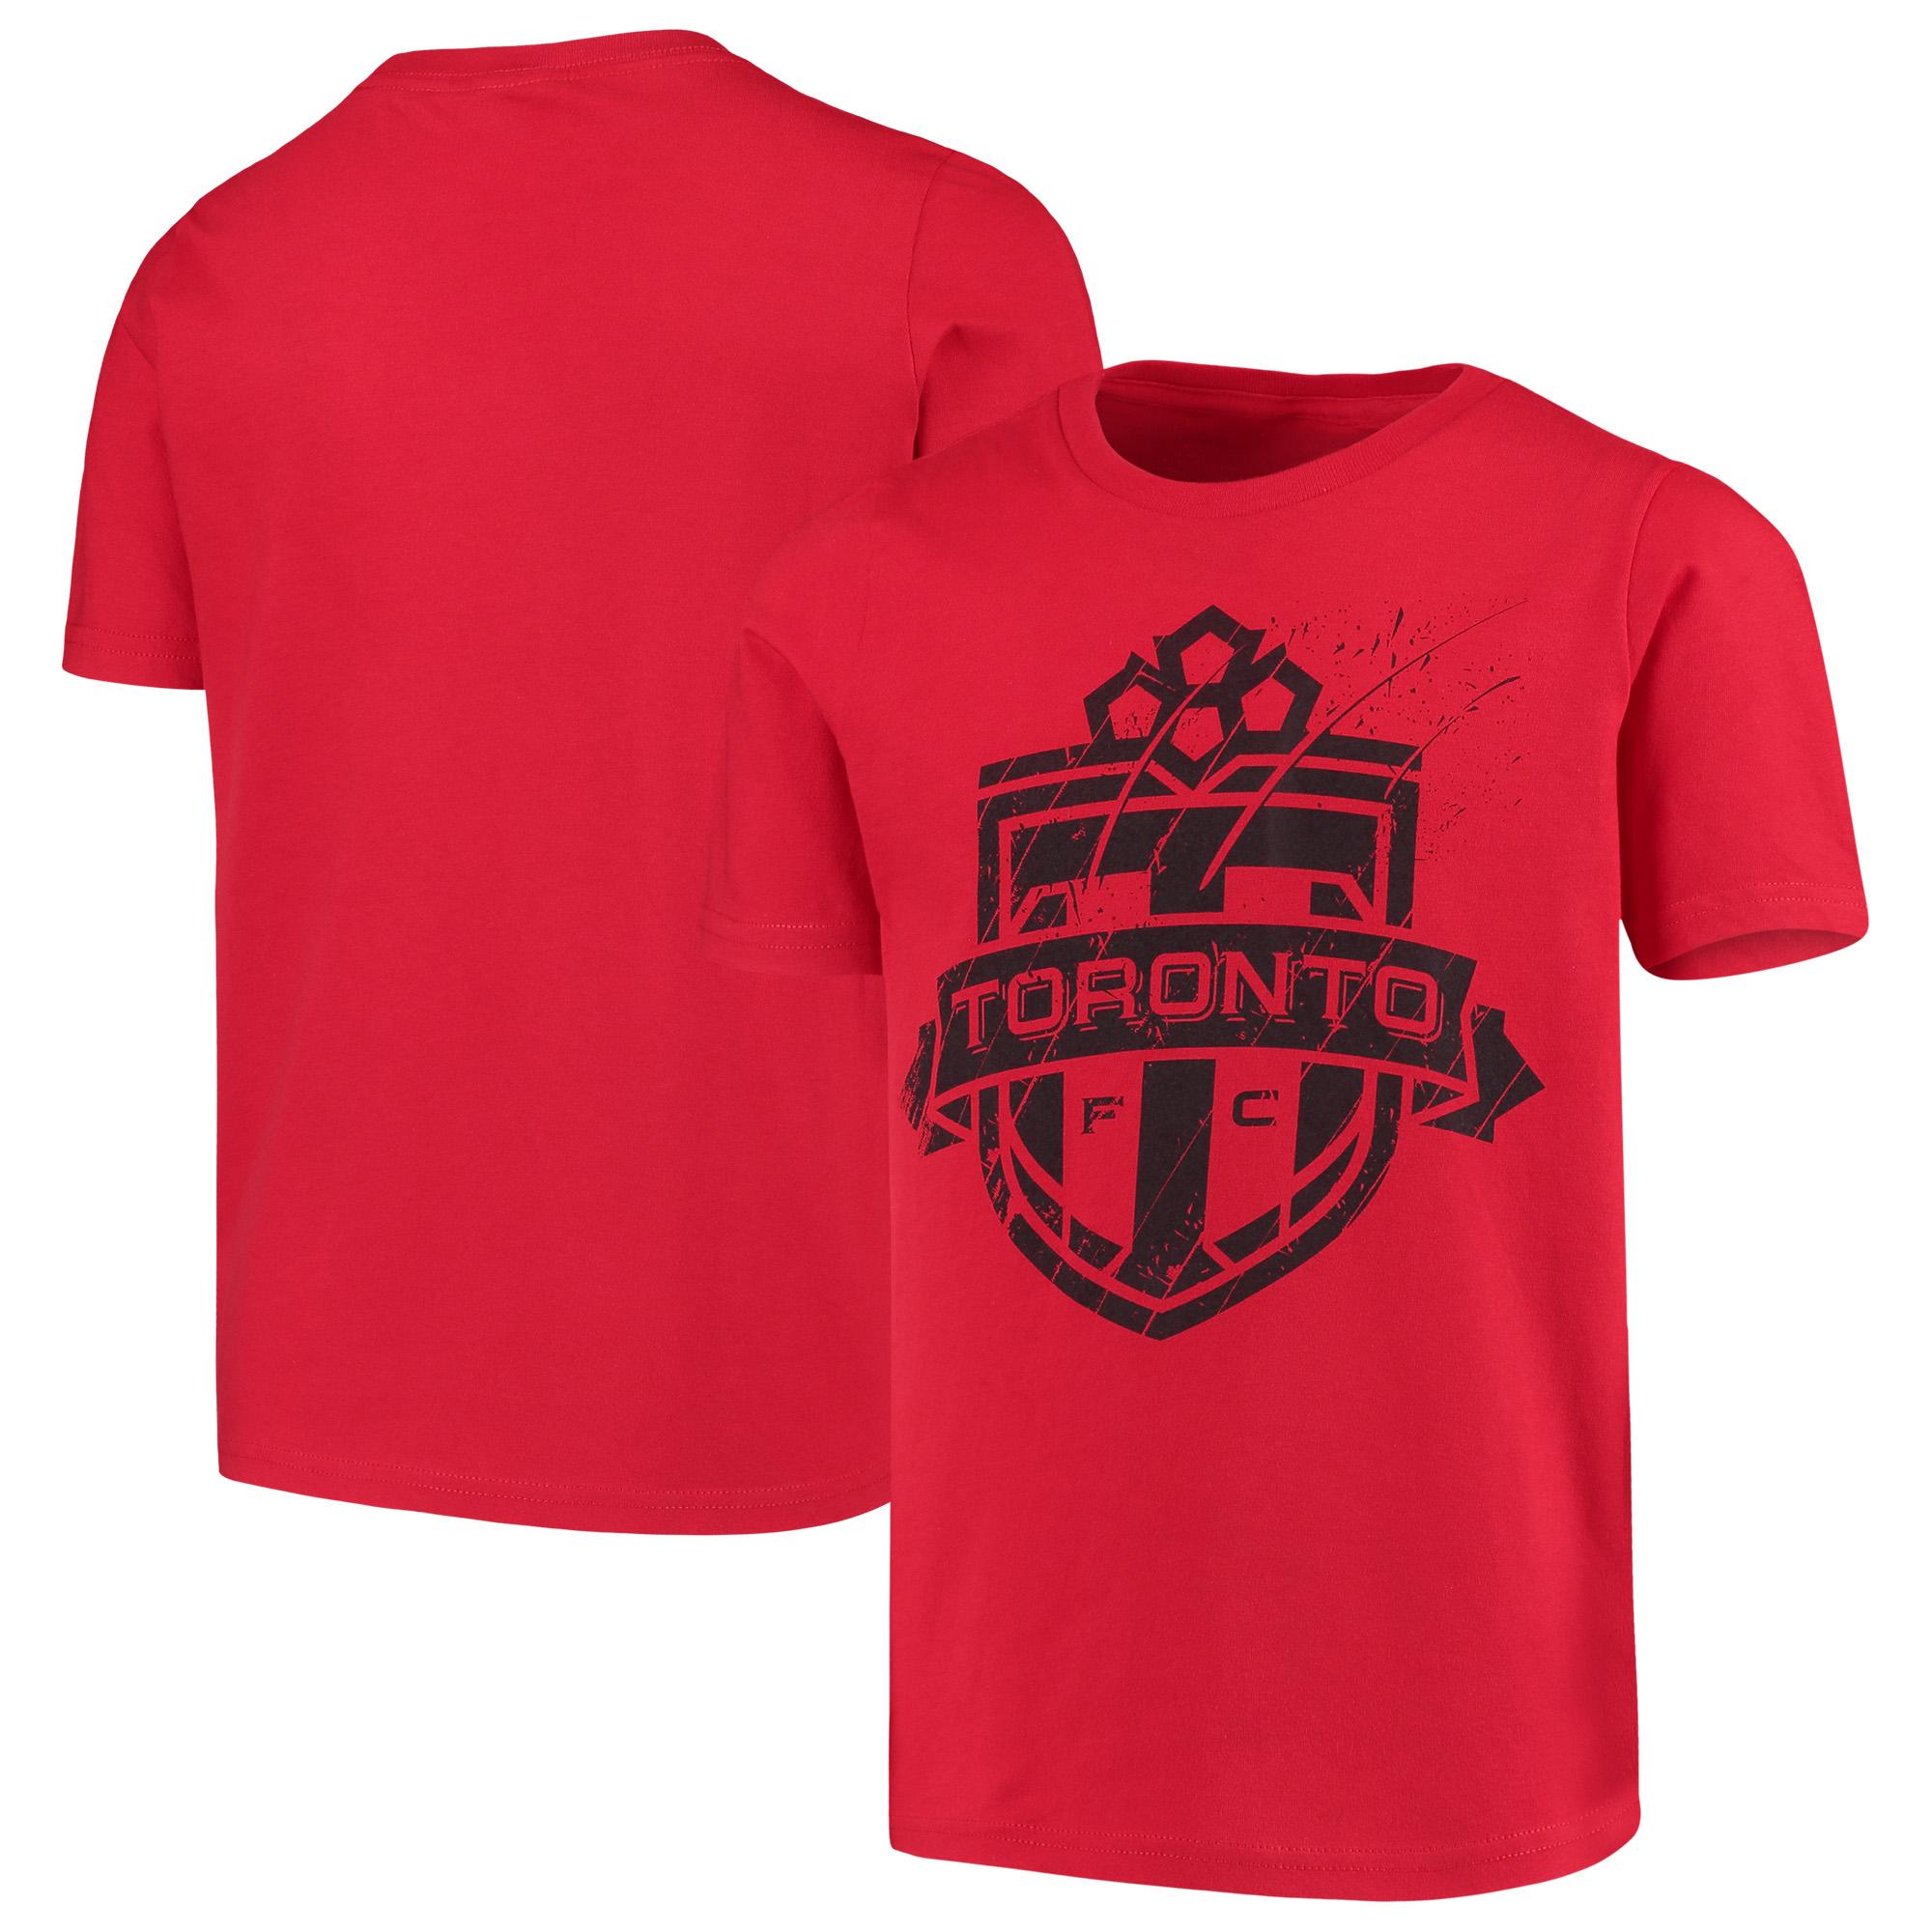 Toronto FC Youth Rush to Score T-Shirt - Red